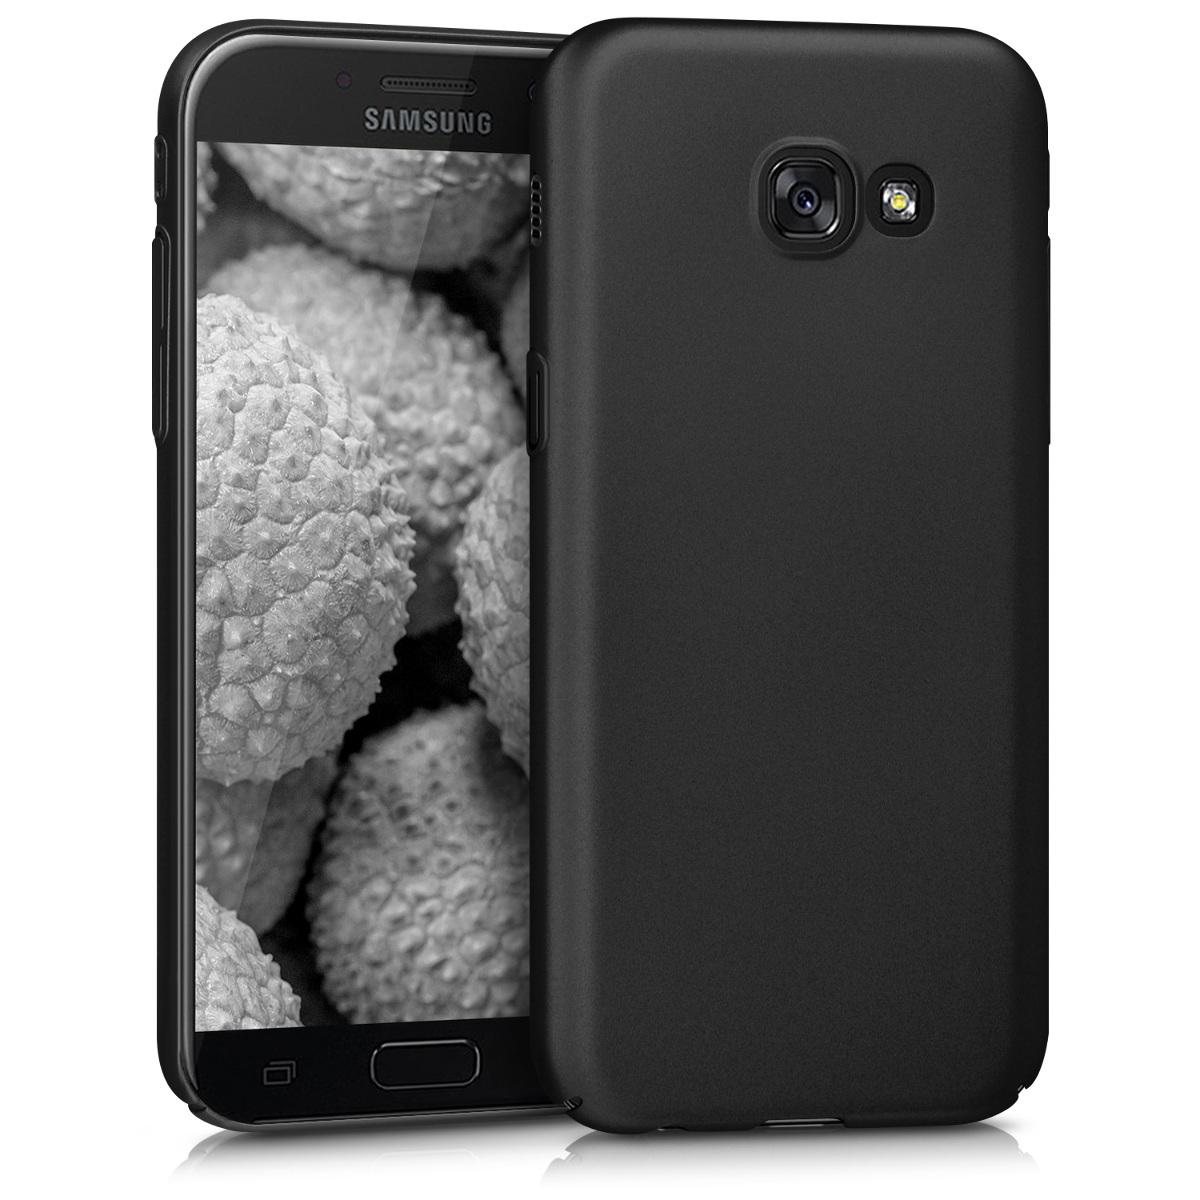 KW Slim Anti-Slip Cover - Σκληρή Θήκη Καουτσούκ Samsung Galaxy A5 (2017) - Μαύρο μεταλλικό (41803.68)